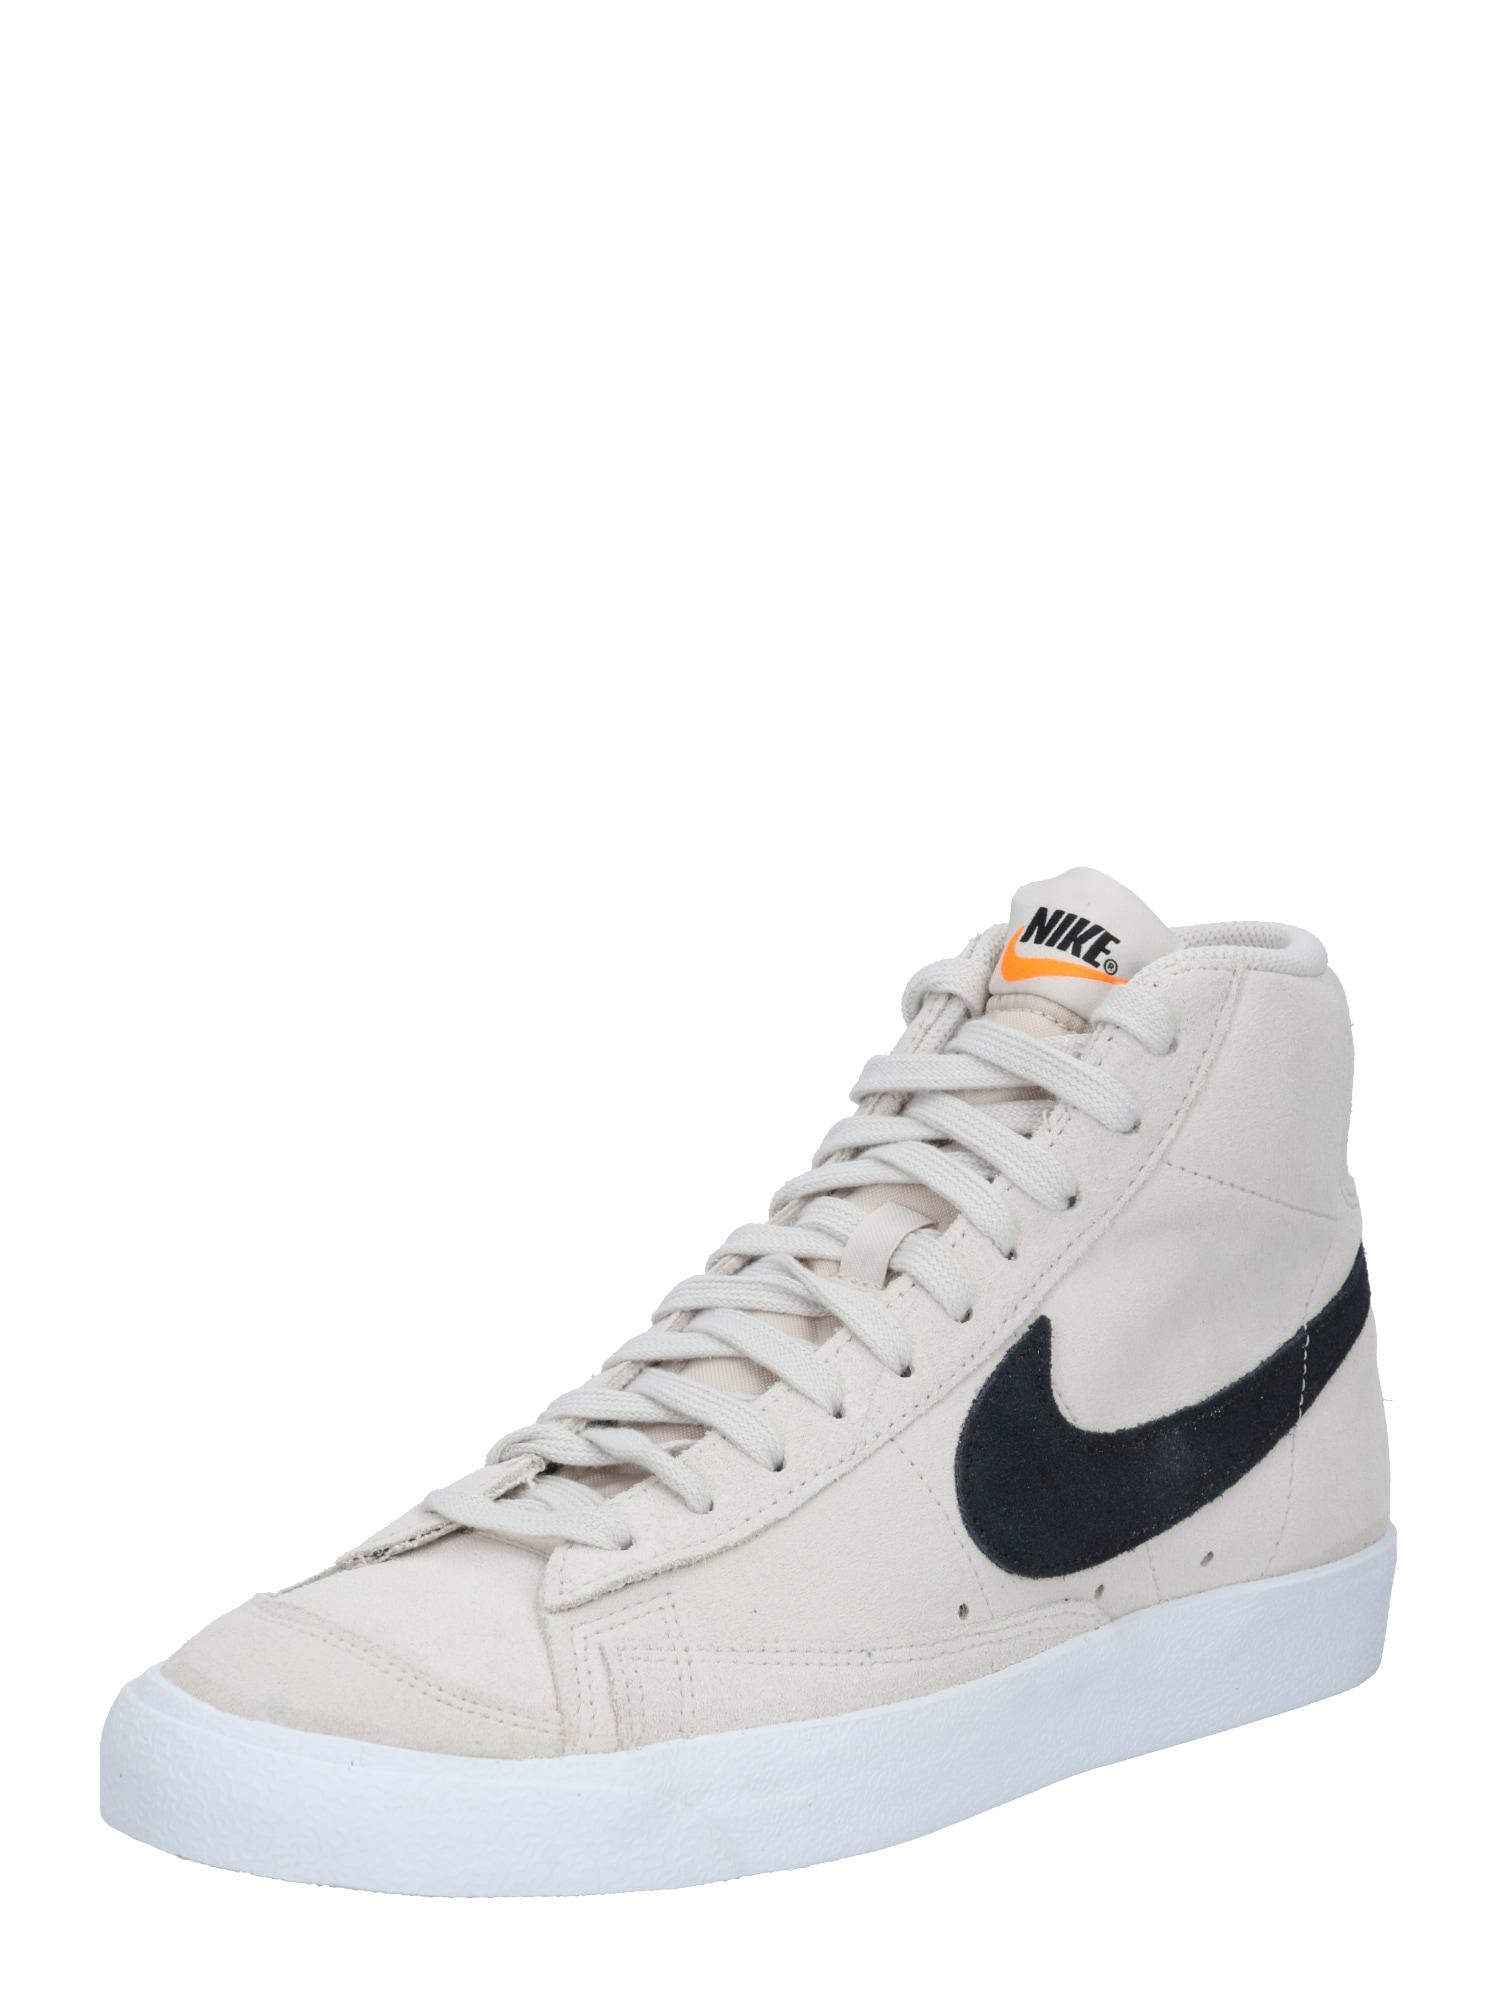 Nike Sportswear Sportbačiai su auliuku '77 Suede' juoda / šviesiai ruda